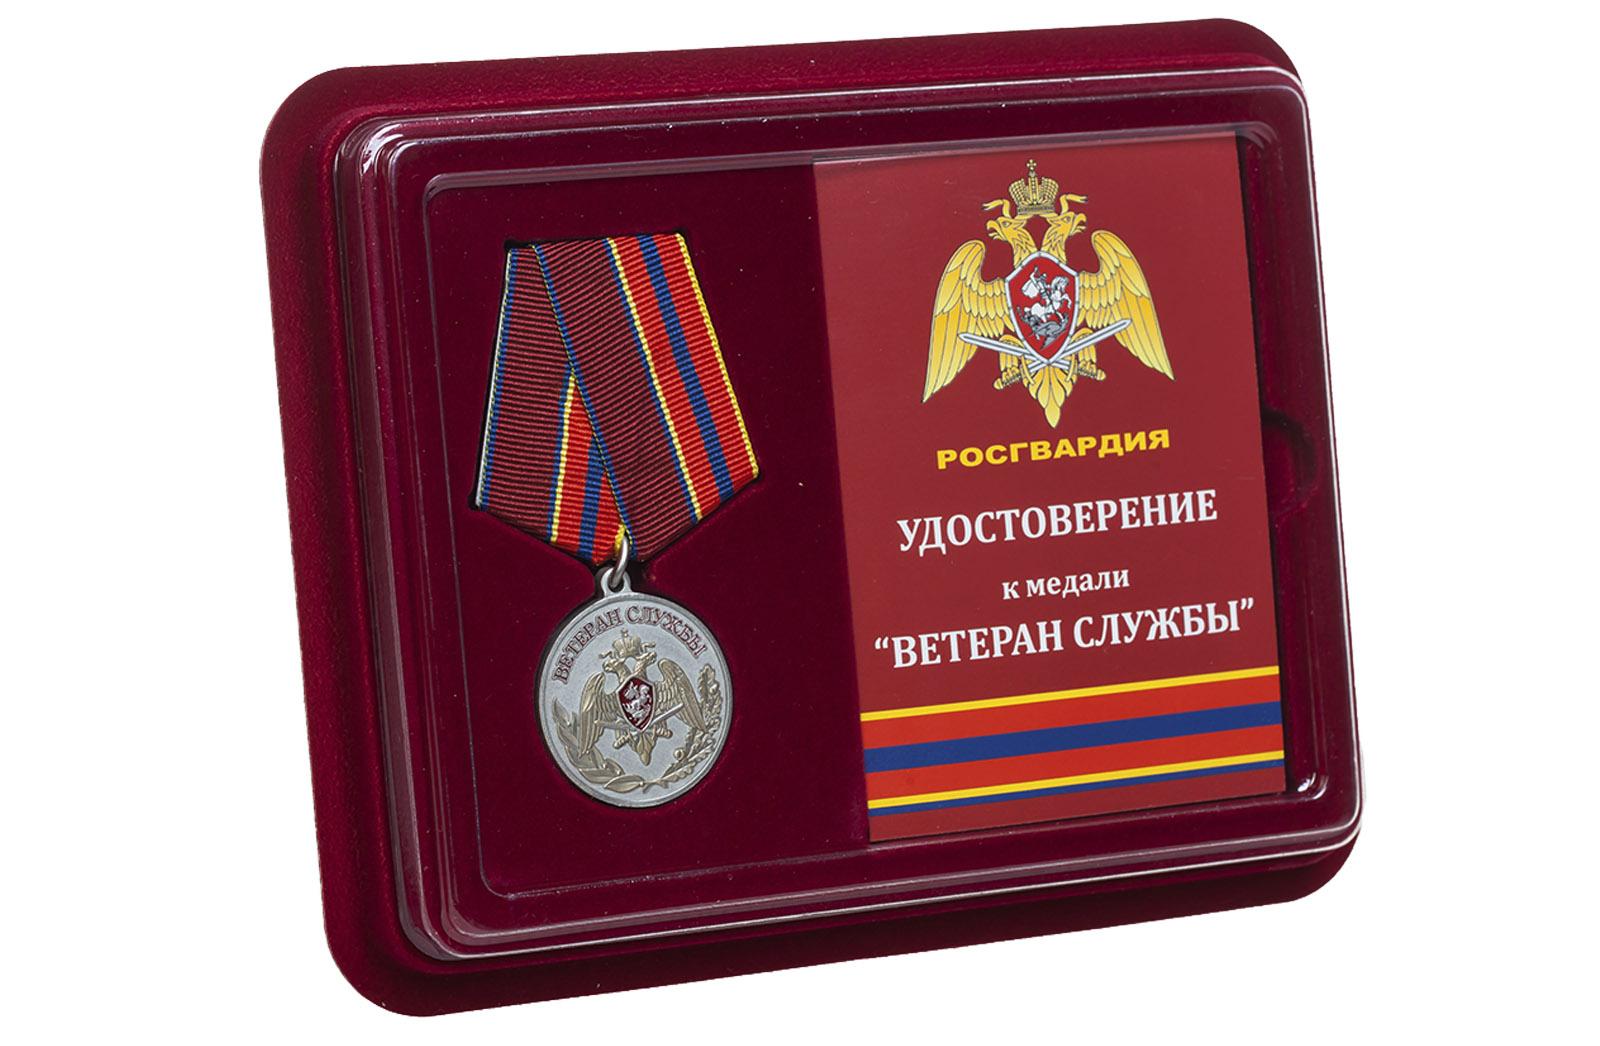 Медаль Ветеран службы Росгвардия - в футляре с удостоверением